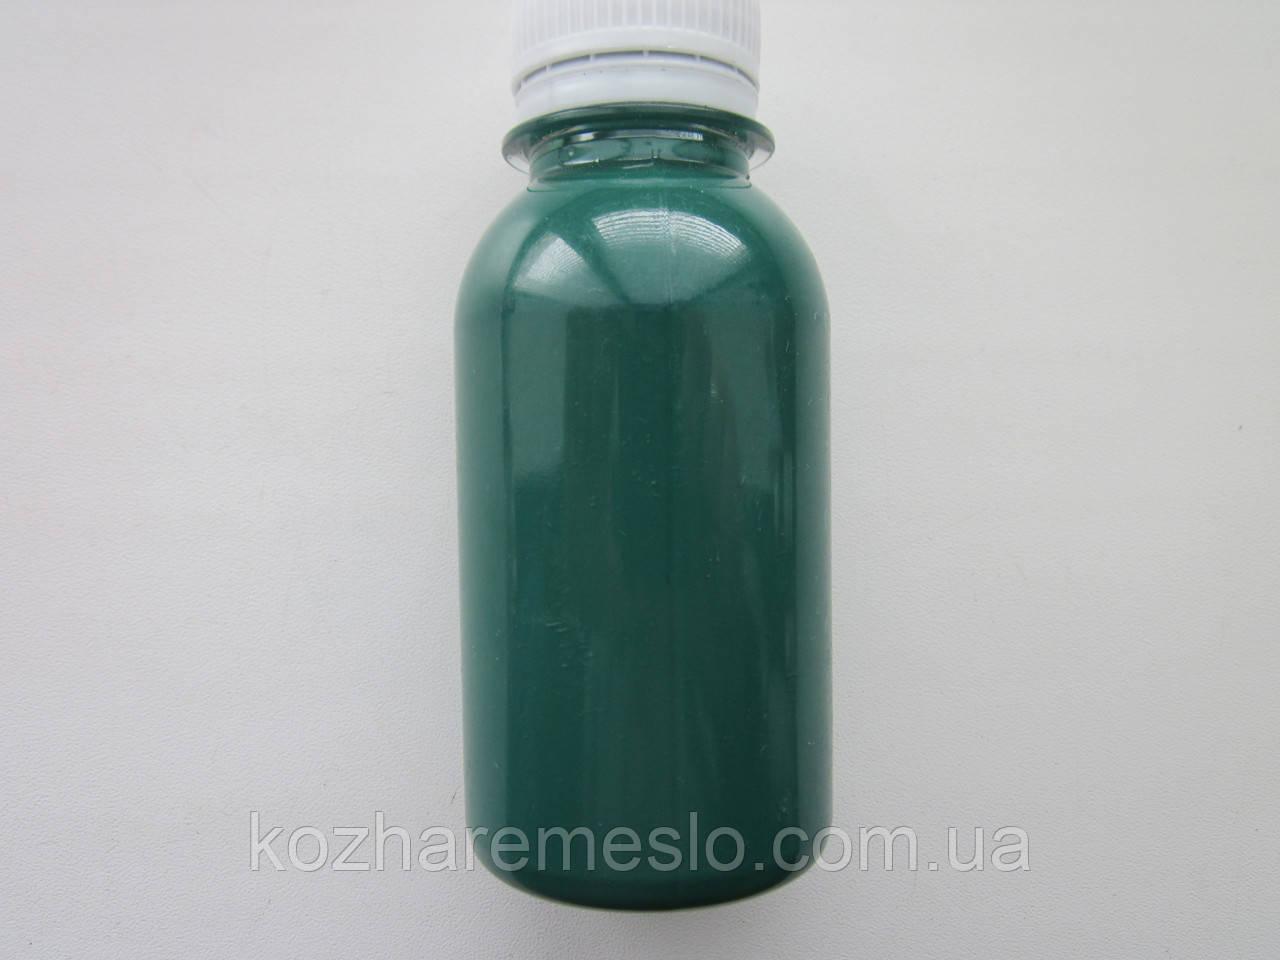 Краска для уреза (торца) кожи FENICE на силиконовой основе 100 грам зелёный